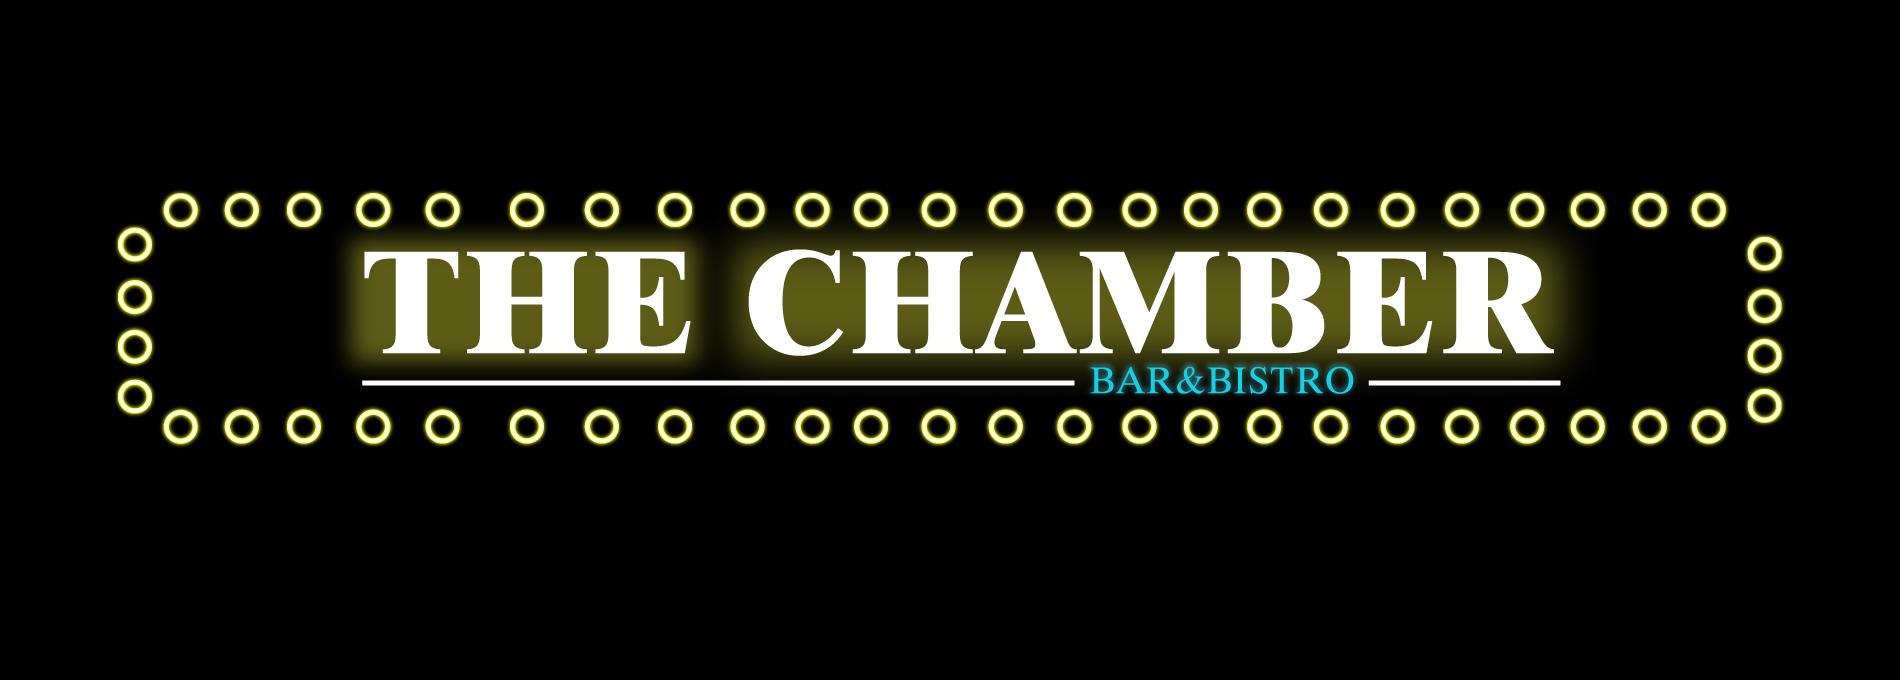 ChamberGlowing